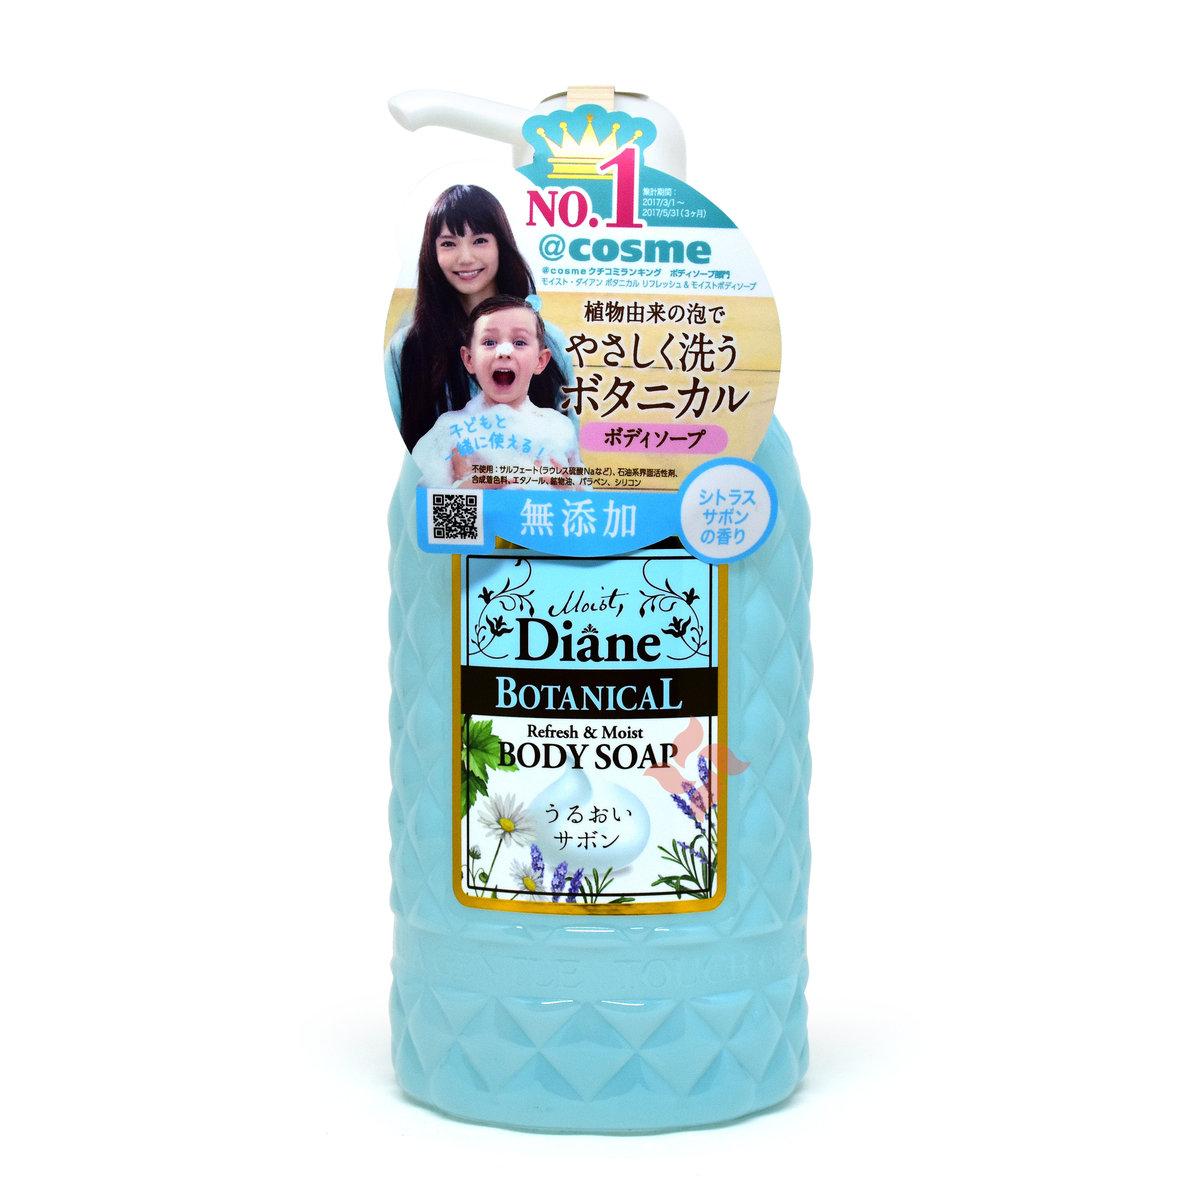 Botanical Refresh & Moist Body Soap 500ml (Blue) (4560119222435)